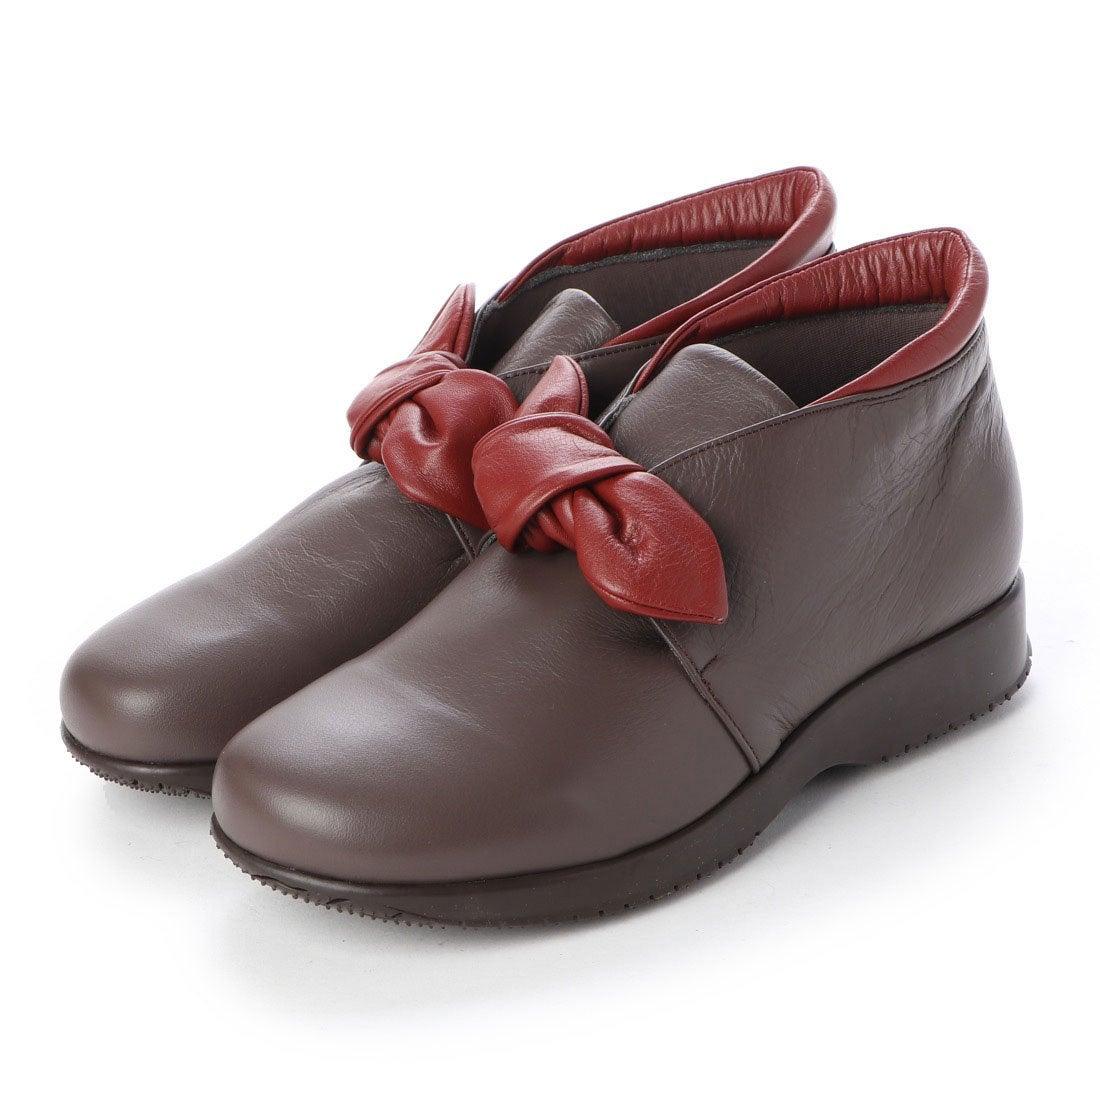 ロコンド 靴とファッションの通販サイトウォーカーヒル Walker Hill 大人かわいいリボン 雲の上のはき心地4E コンフォートシューズ (Dオークコンビ)